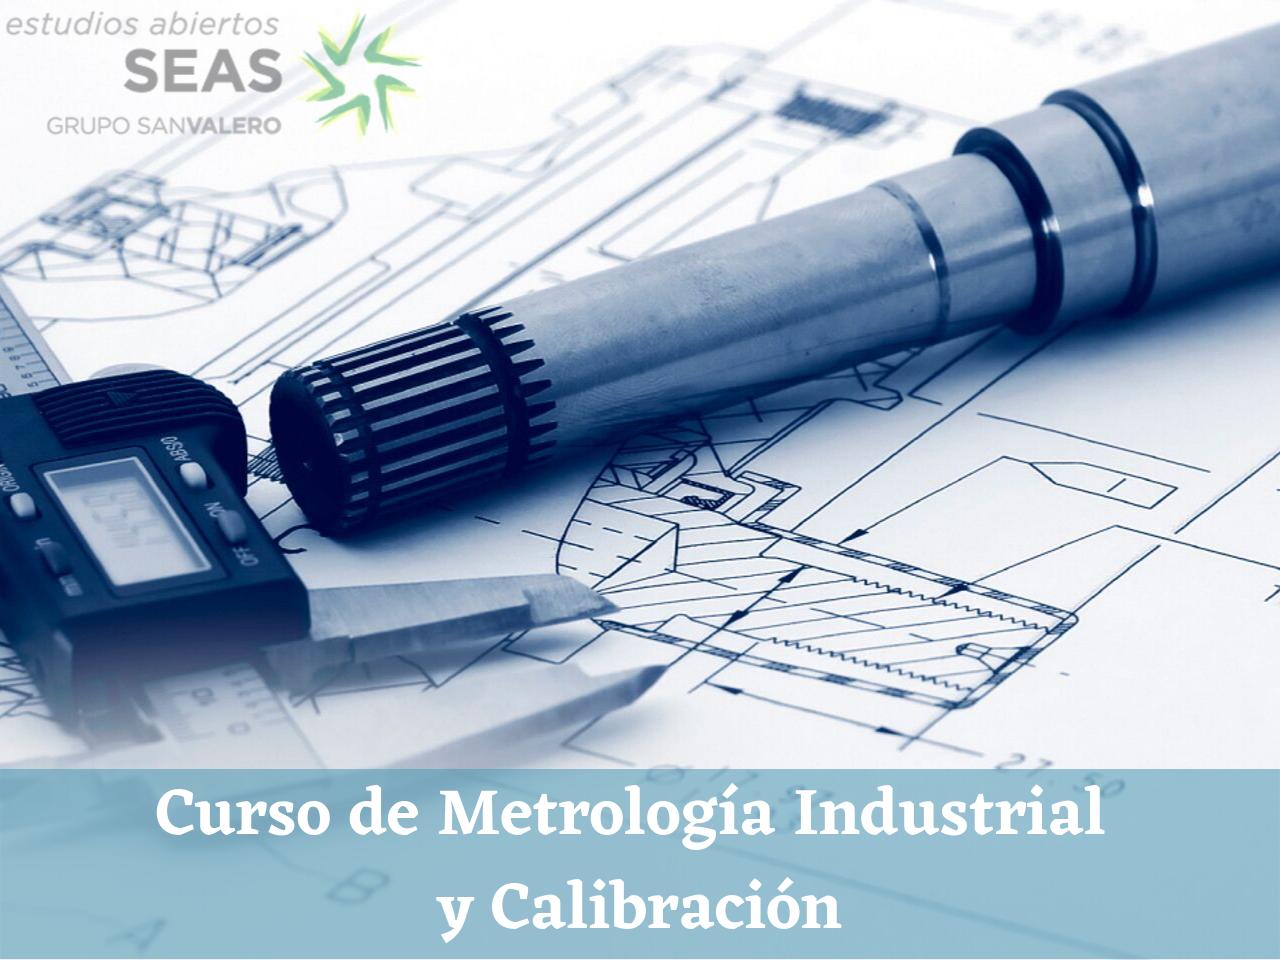 Curso de Metrología Industrial y Calibración